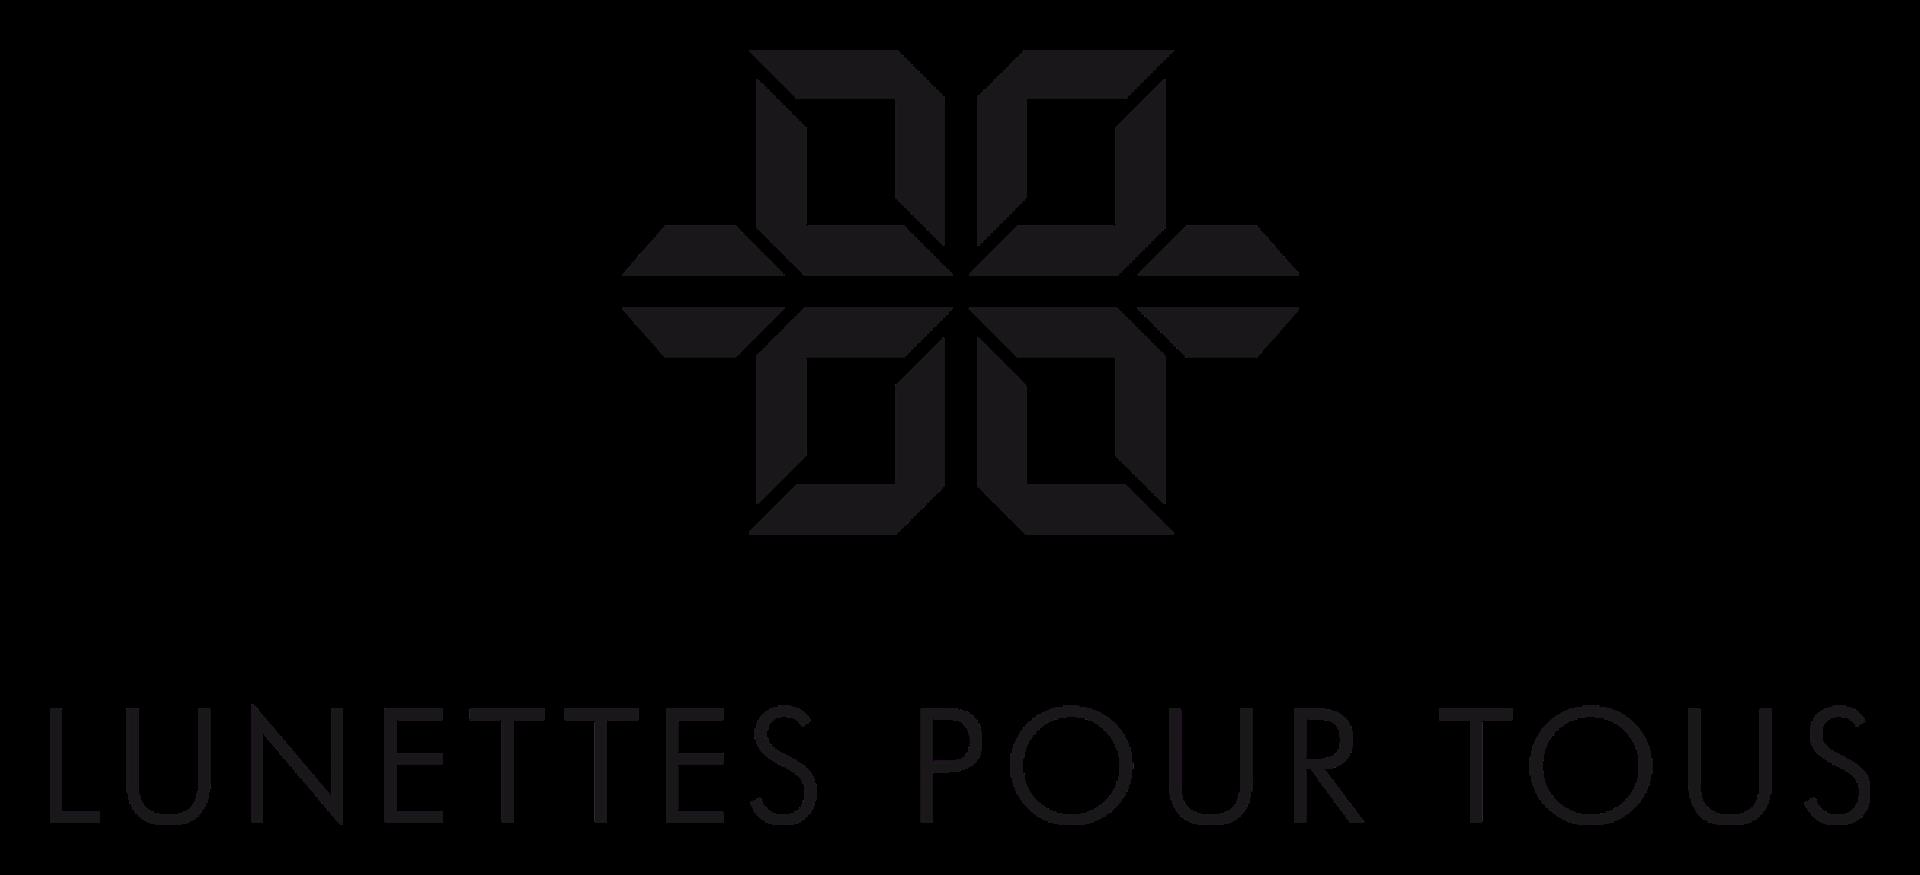 08188f8b35cefa Lunettes Pour Tous   Monteur Optique (H F) - CDI 35h - Nice